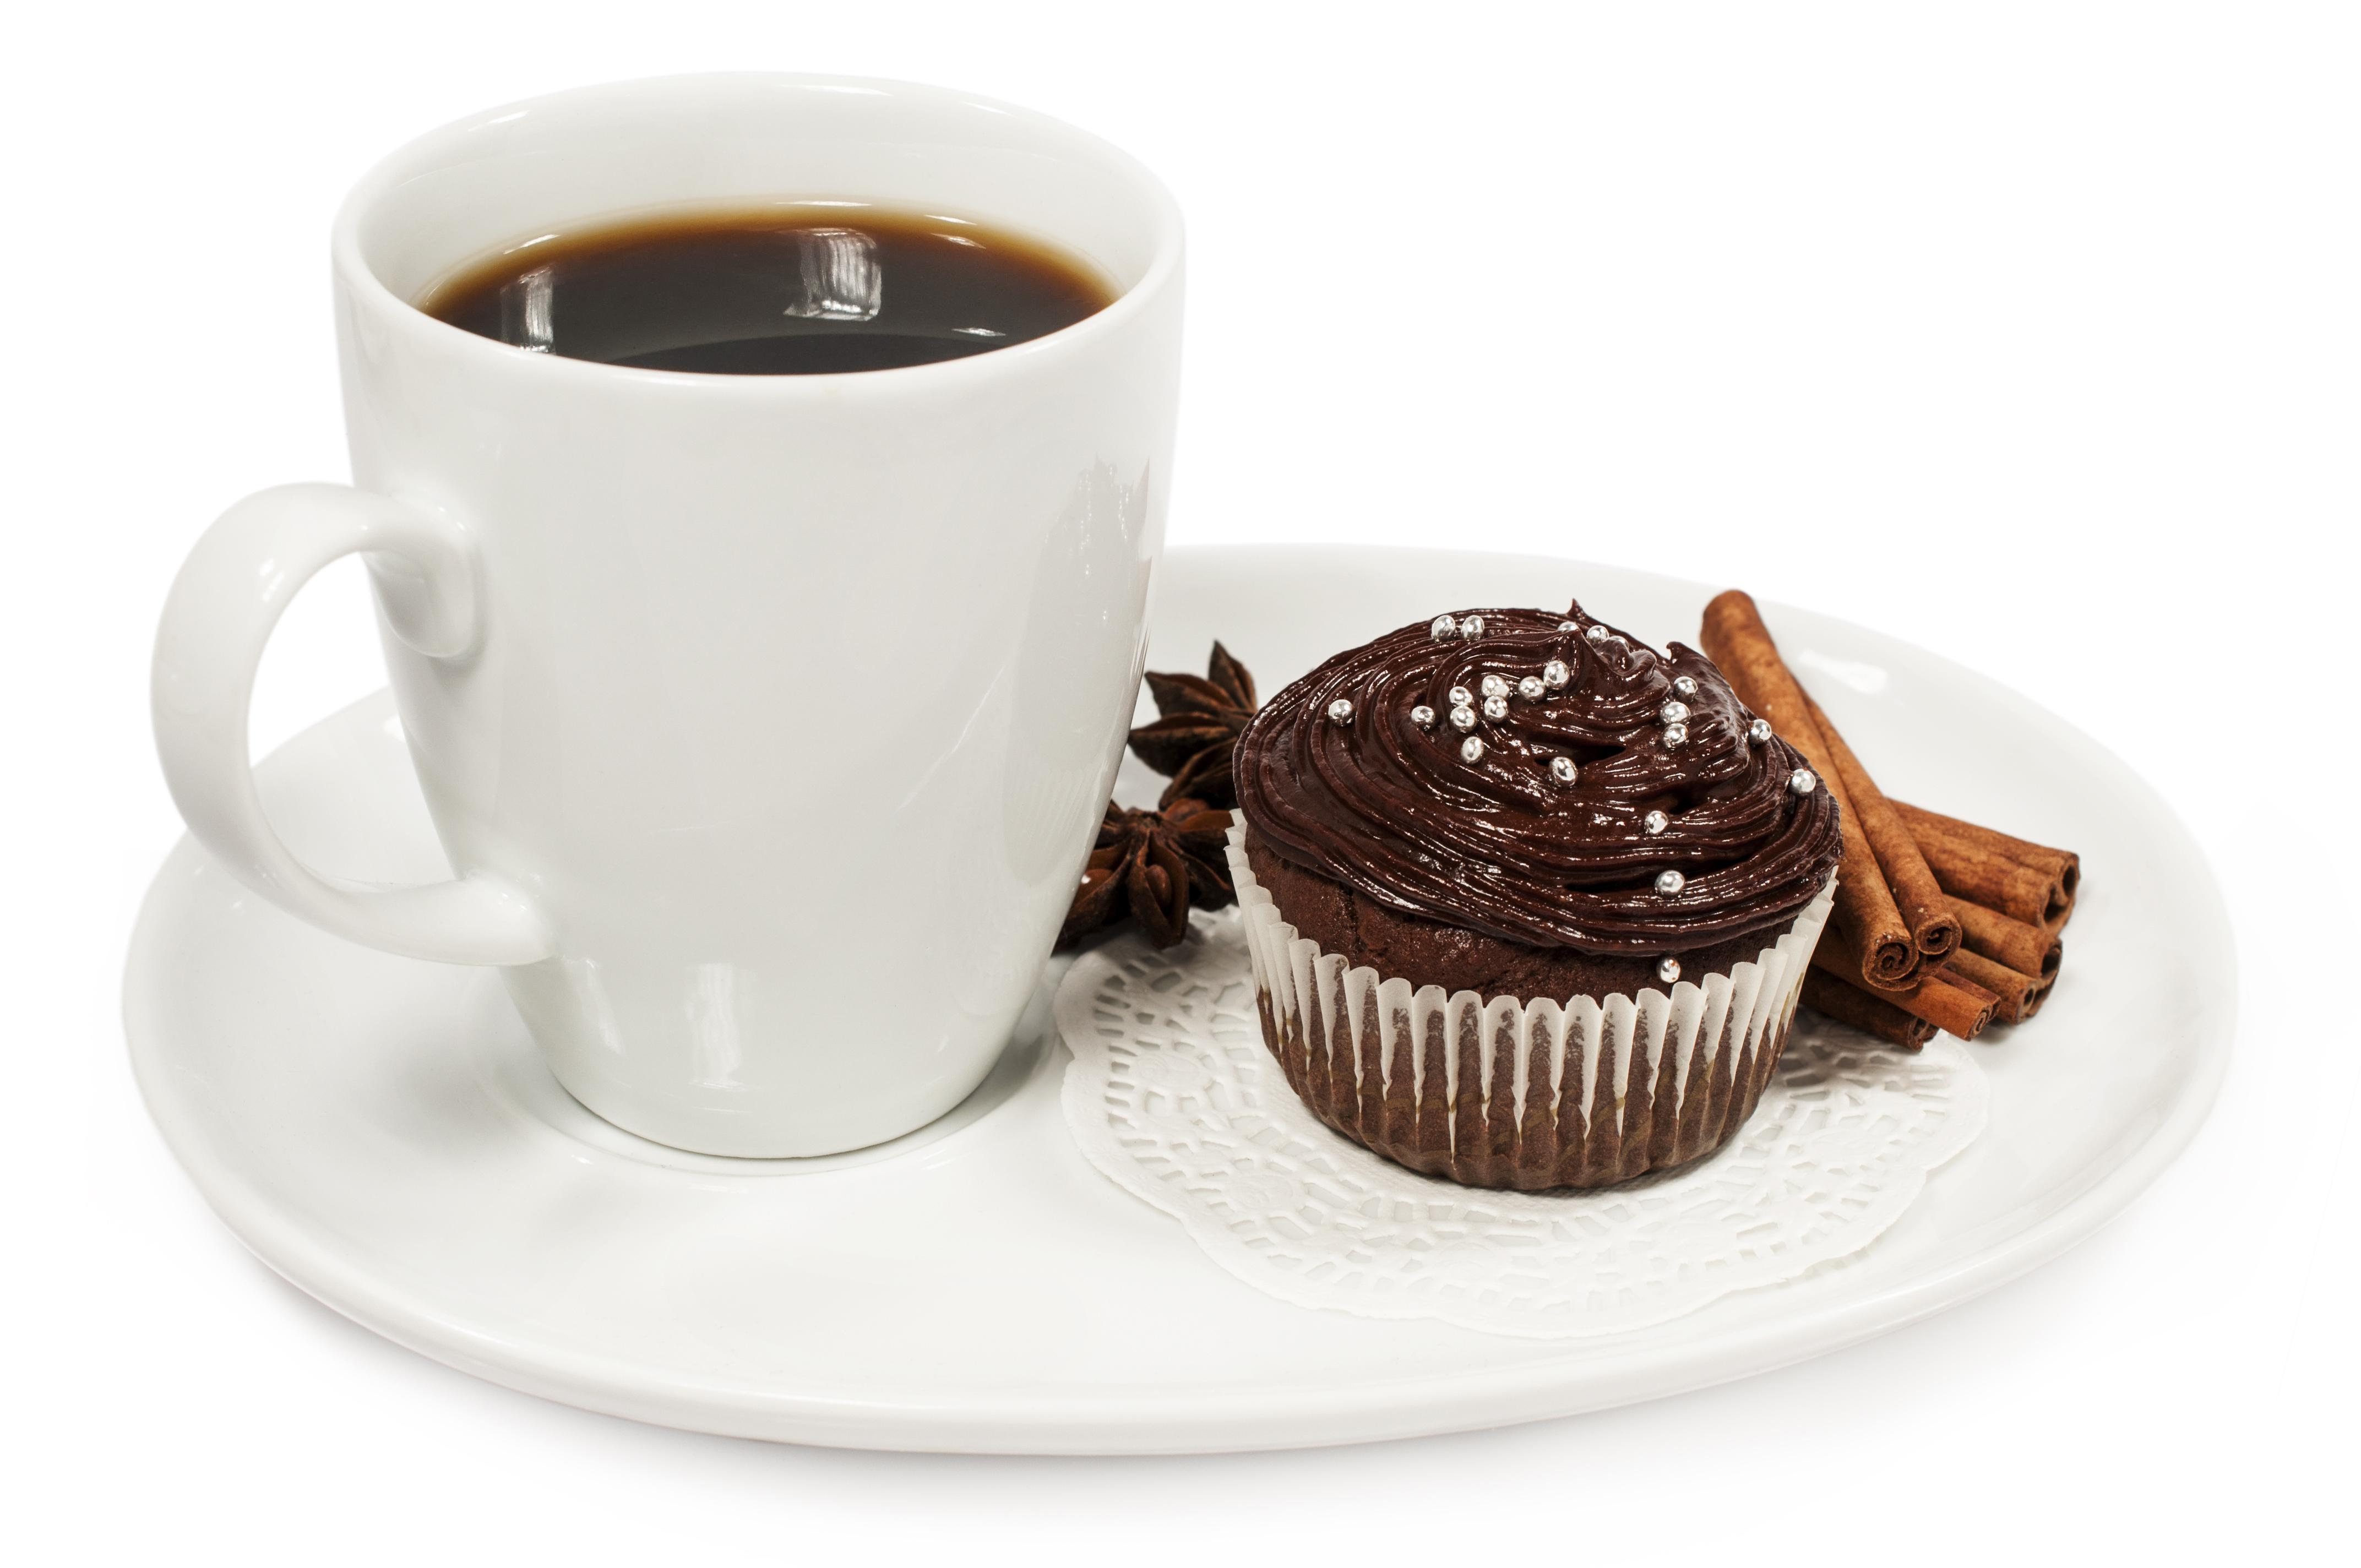 Обои Шоколад Кофе Корица Еда Чашка Тарелка Пирожное Белый фон Пища Продукты питания